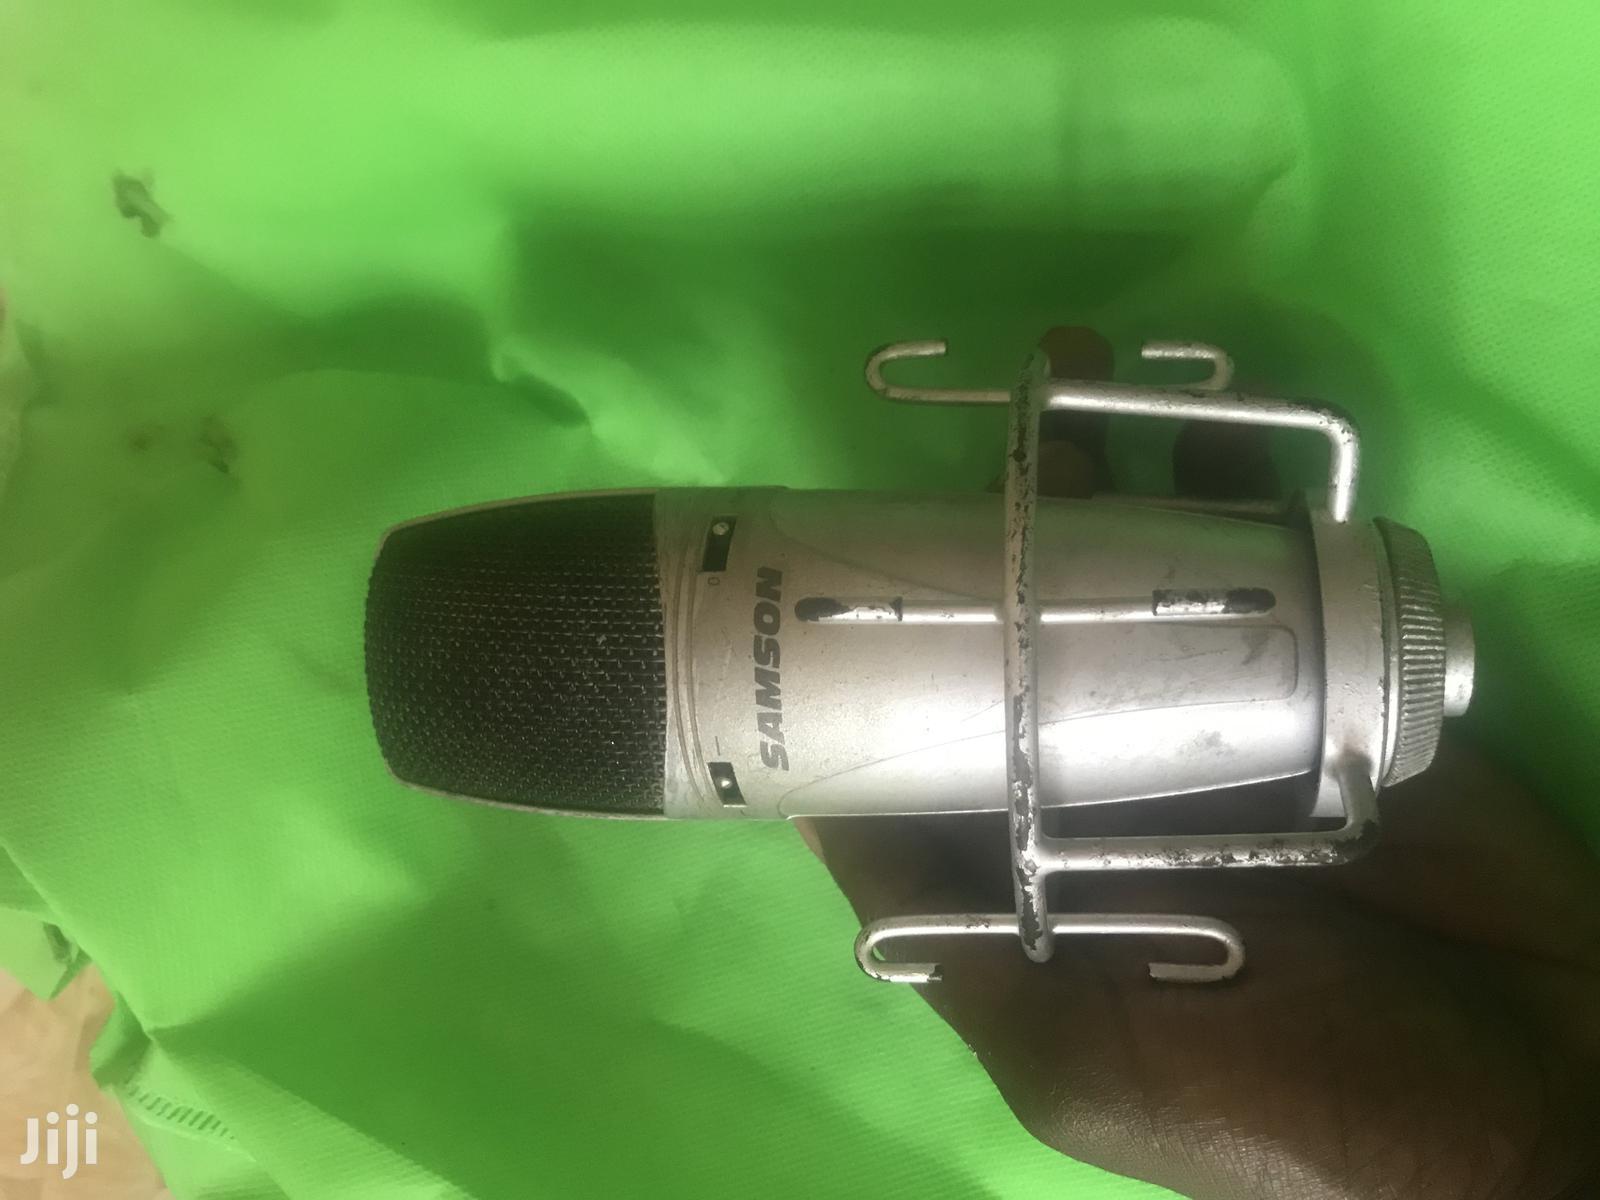 Studio Condenser Microphone   Audio & Music Equipment for sale in Dodoma Rural, Dodoma Region, Tanzania